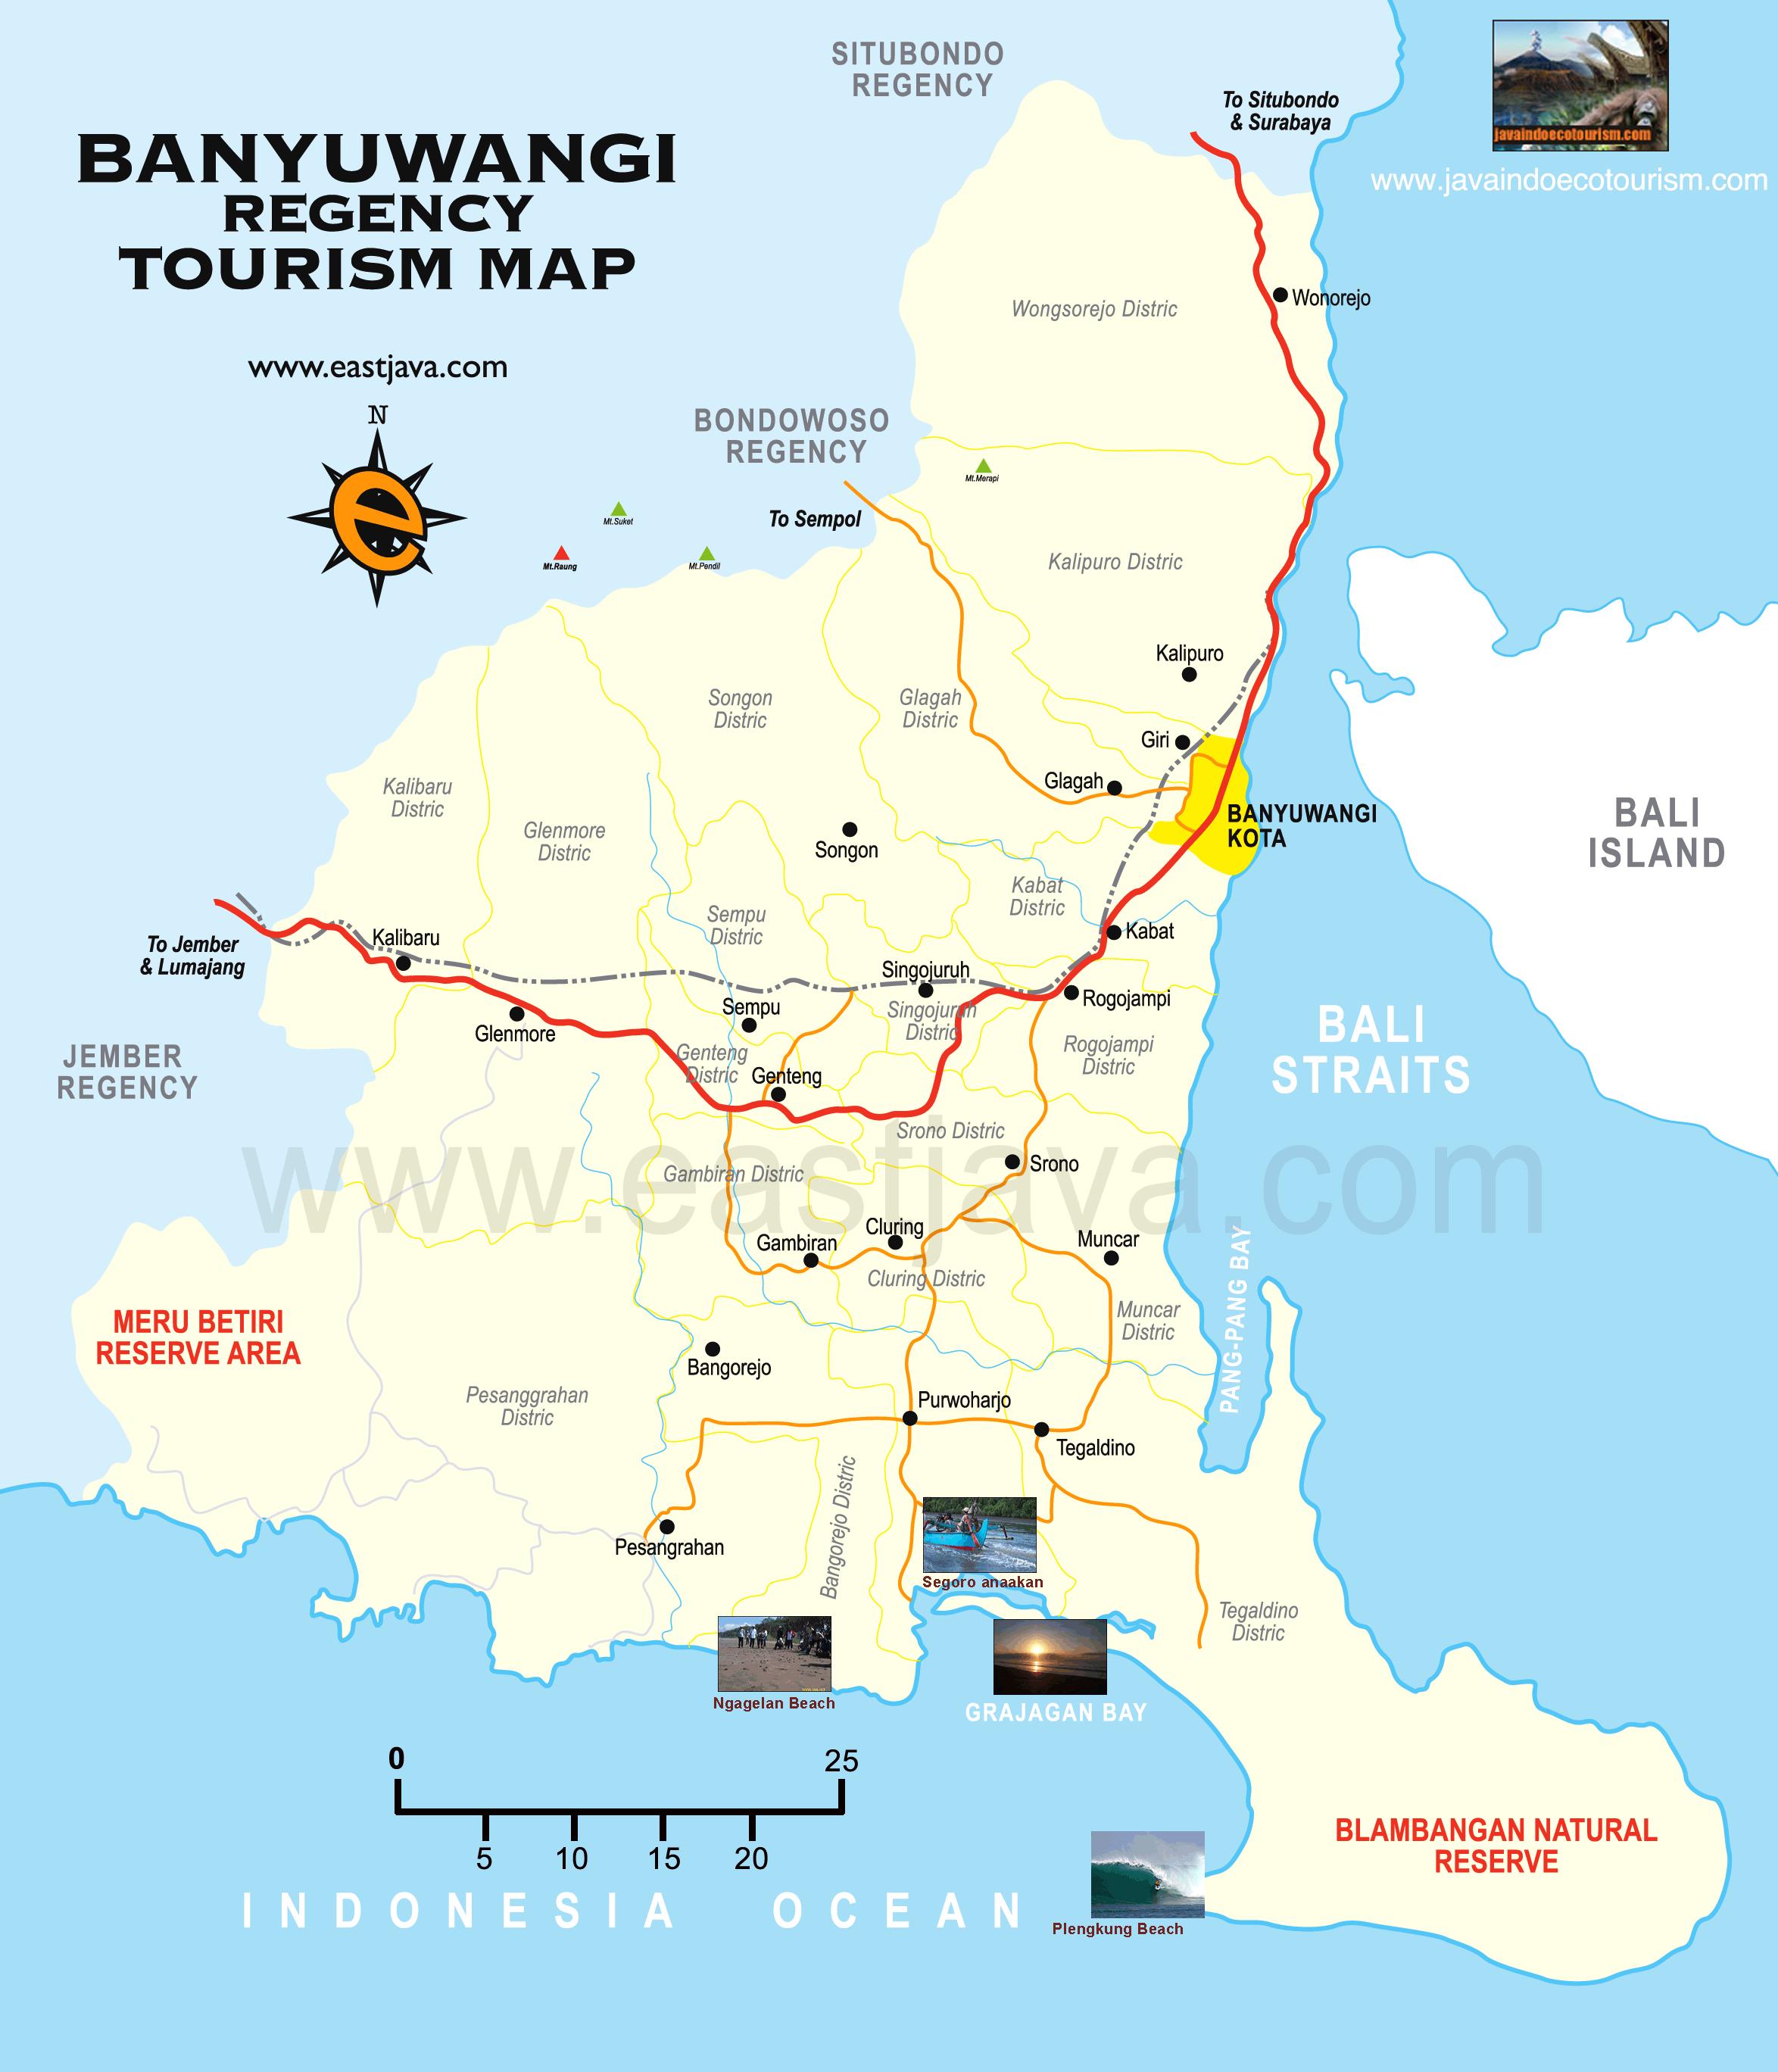 Plengkung Jika Dilihat Dari Peta Kabupaten Banyuwangi